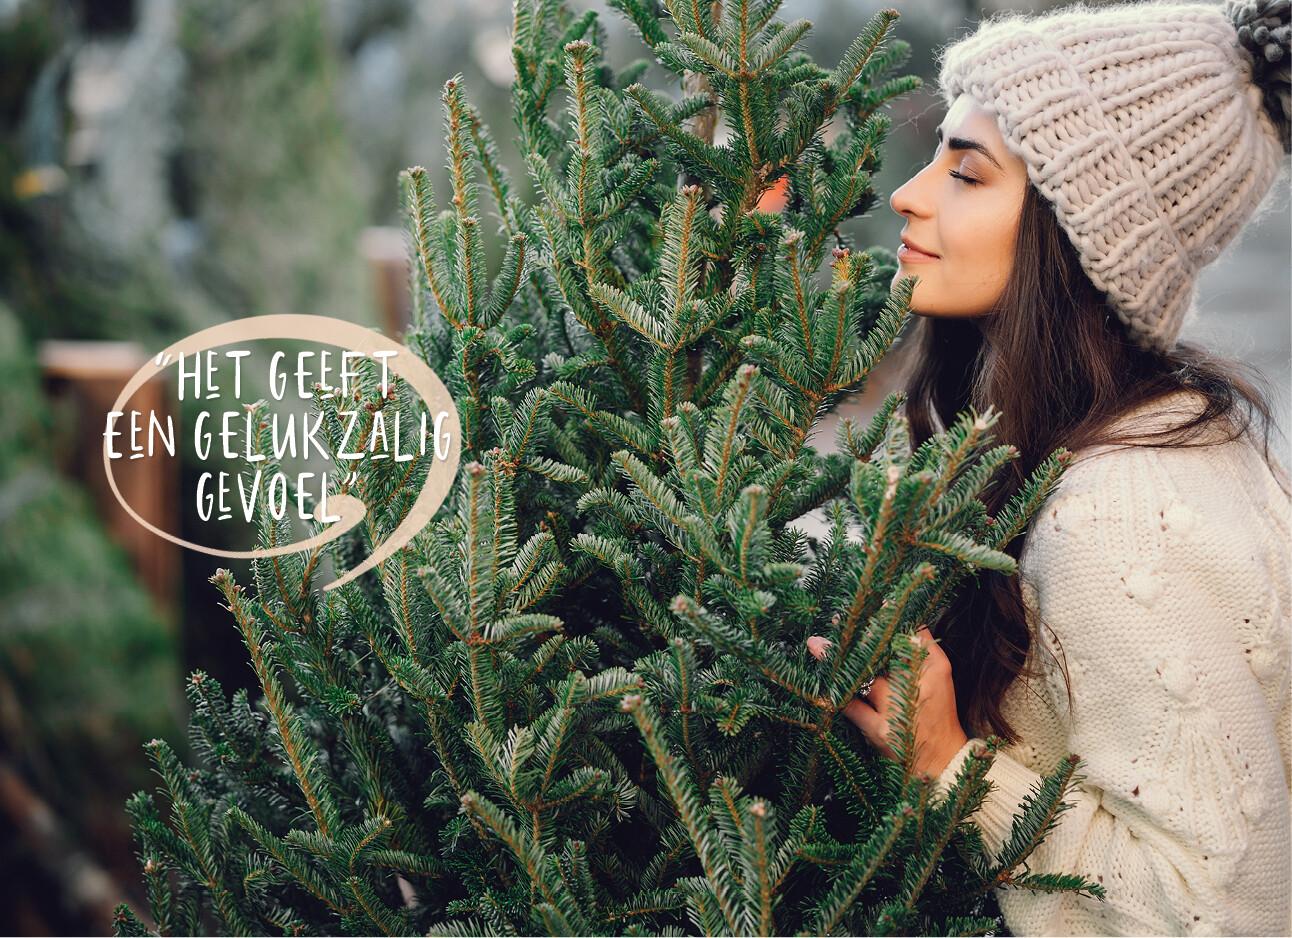 vrouw met kerstboom